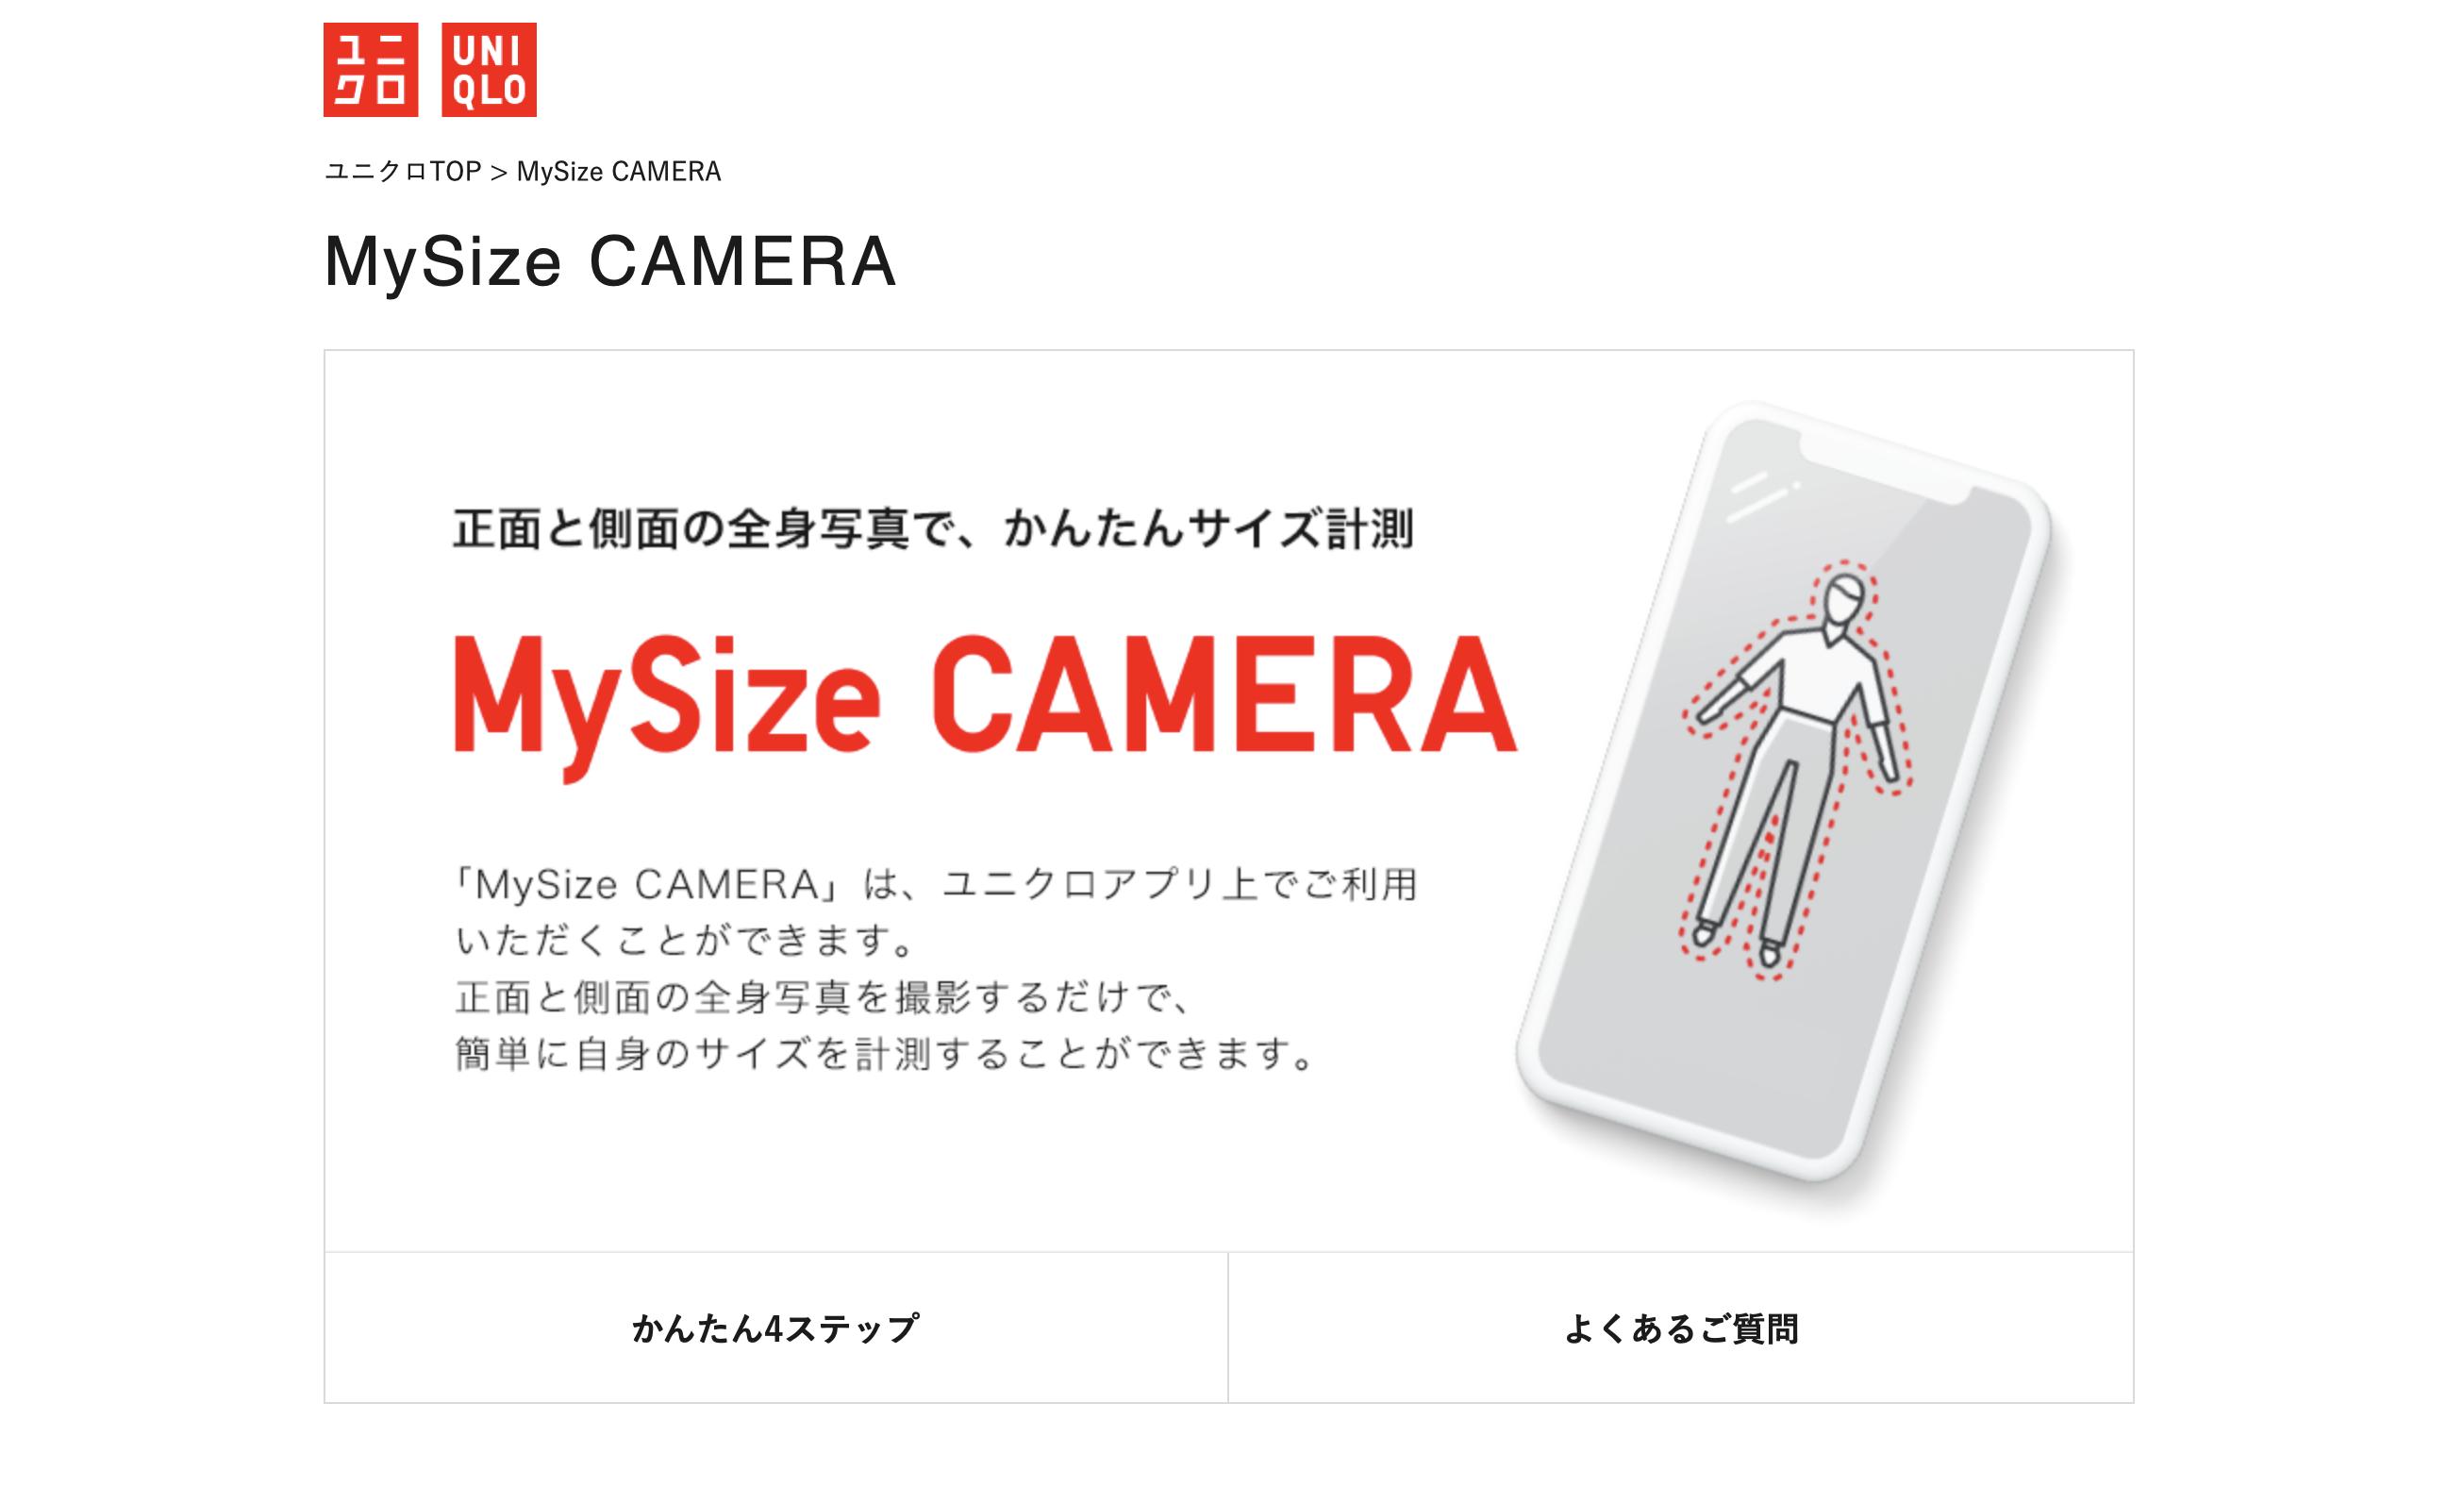 カメラで採寸する時代がきた UNIQLO「My Size CAMERA」